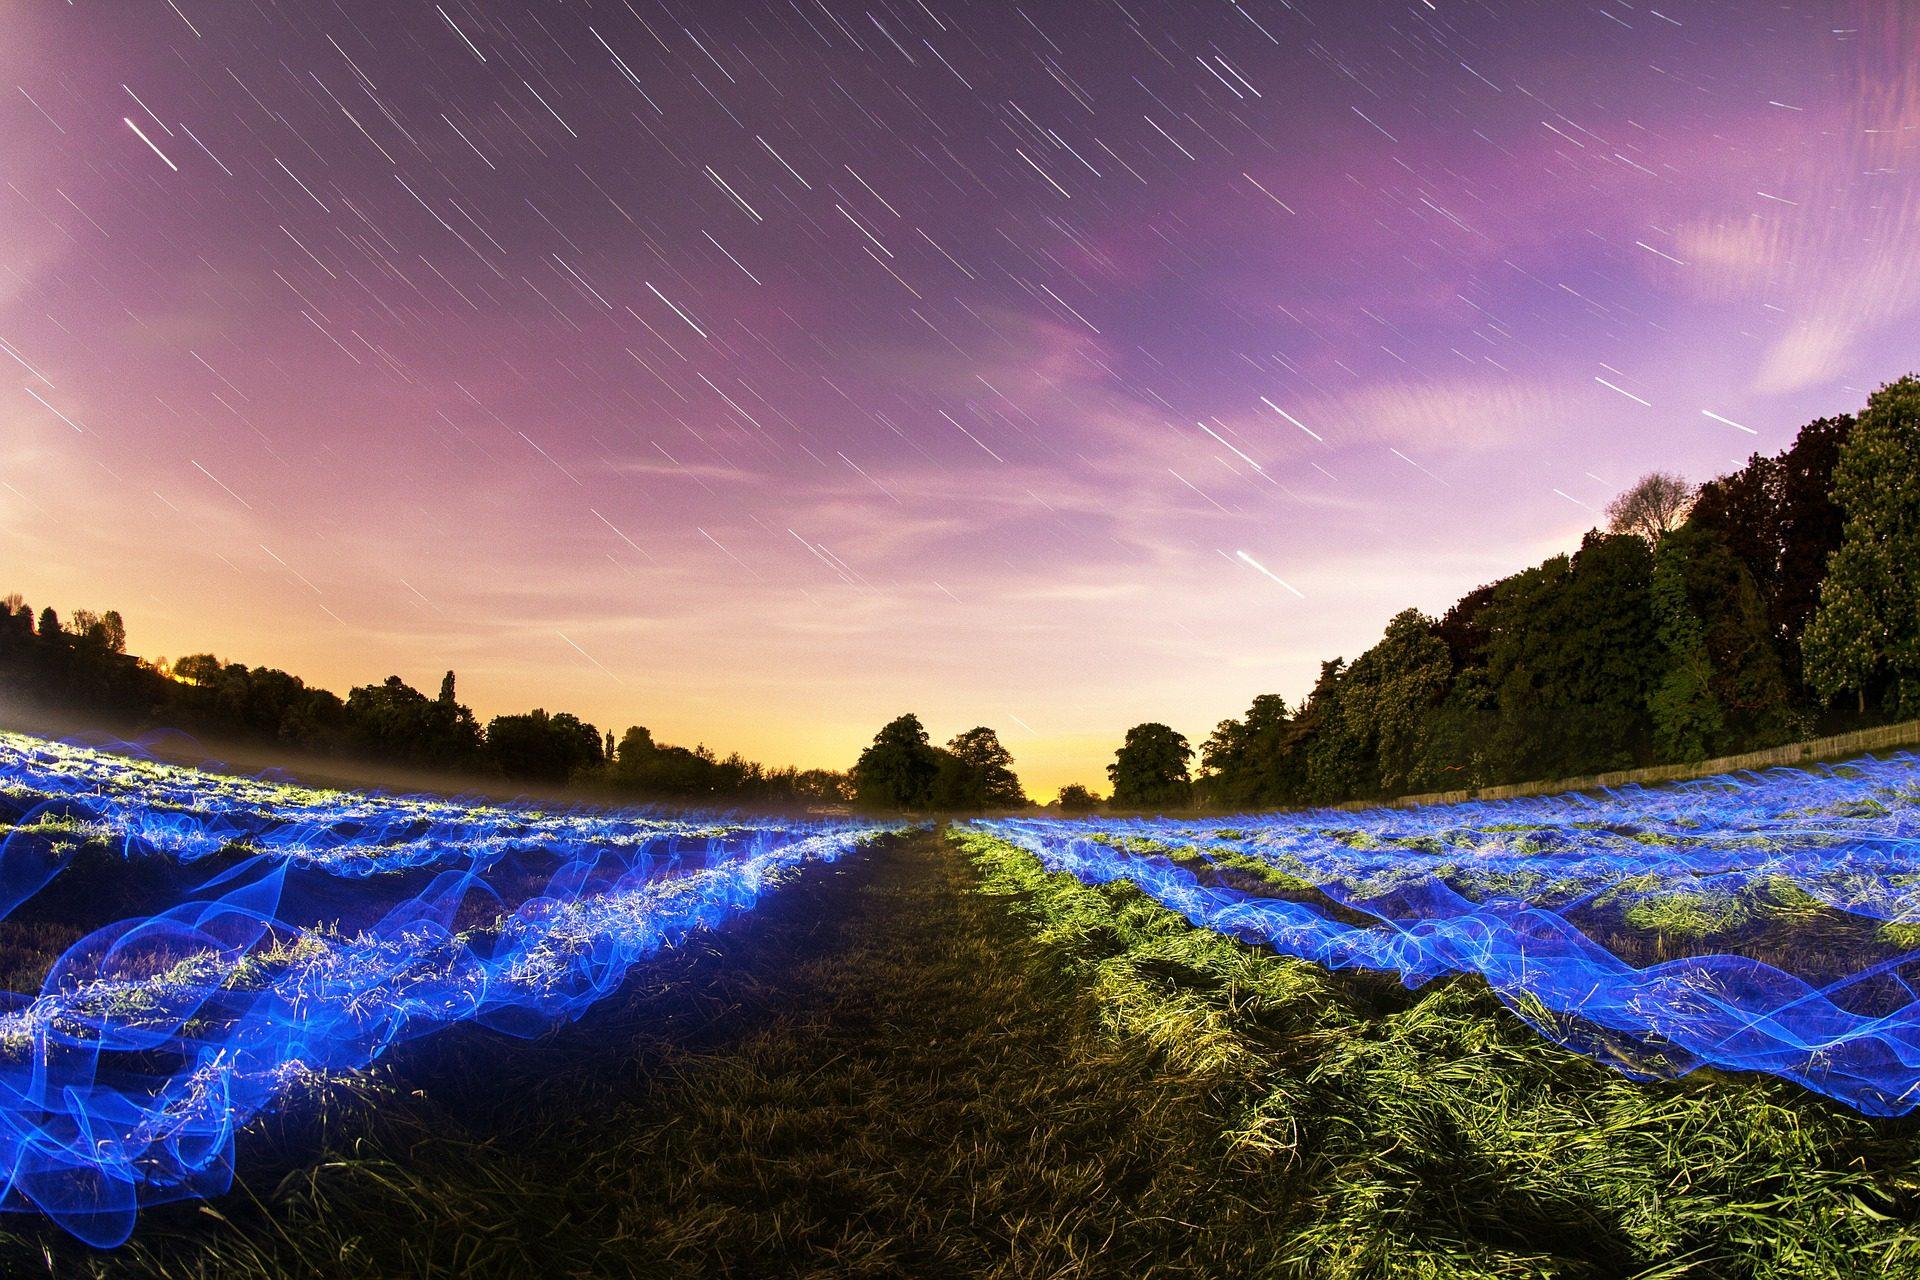 树木, 天空, 星级, 晚上, 晕 - 高清壁纸 - 教授-falken.com